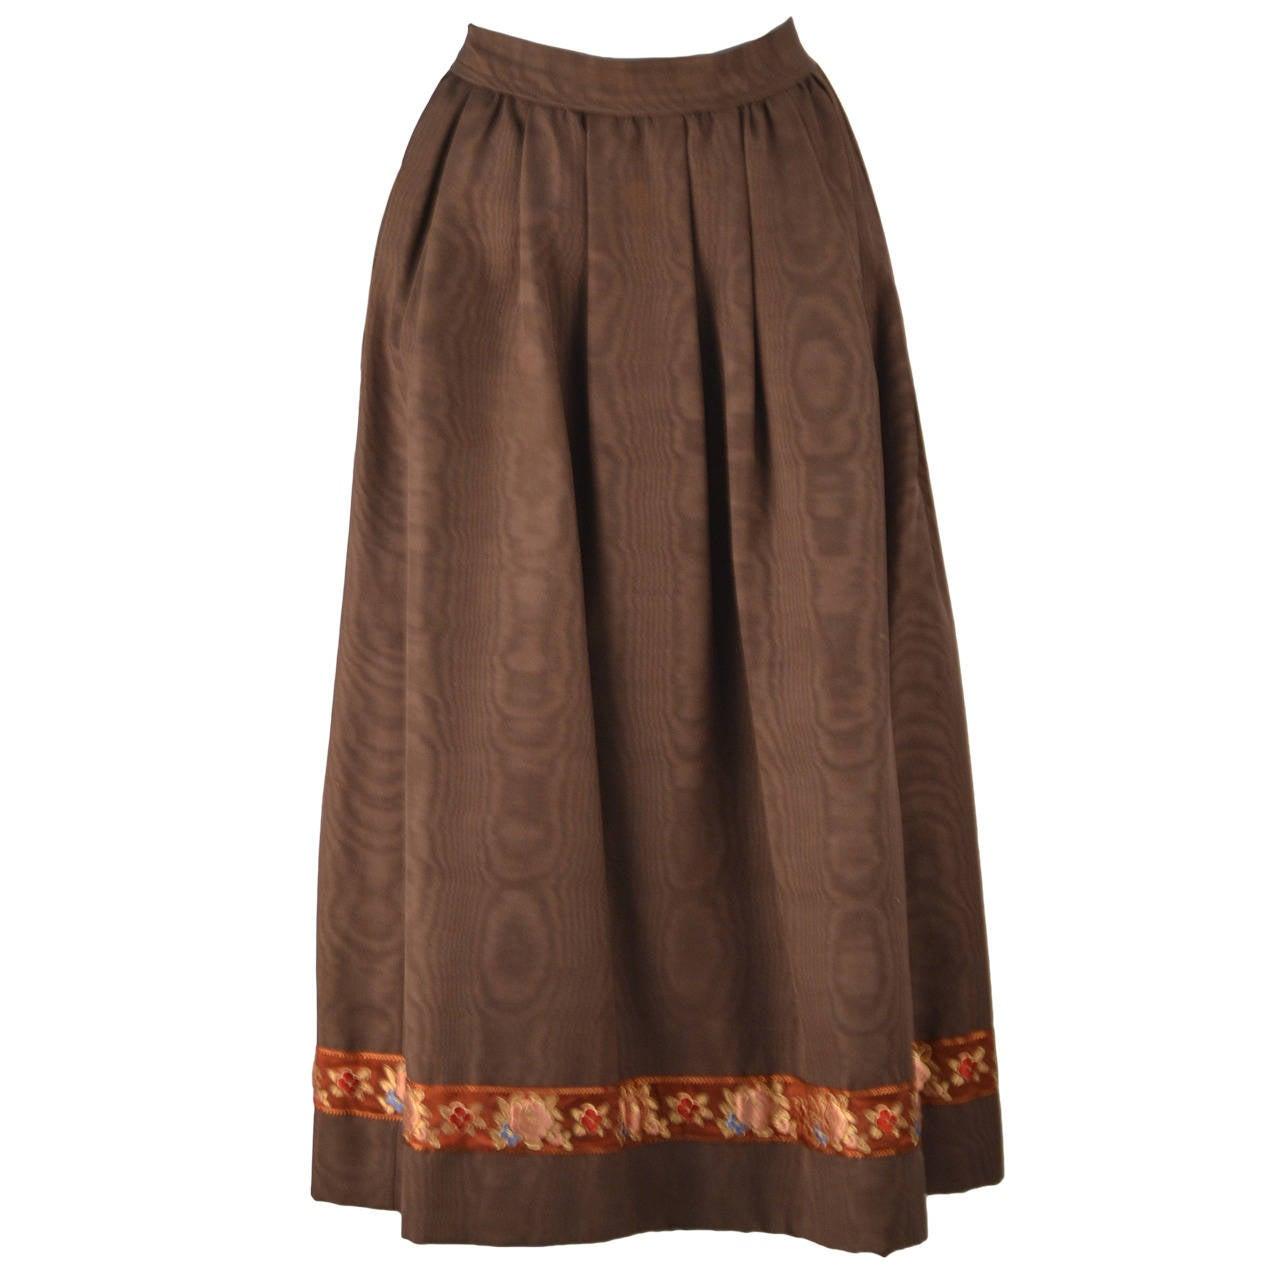 1970's Yves Saint Laurent Brown Moiré Embroidered Skirt